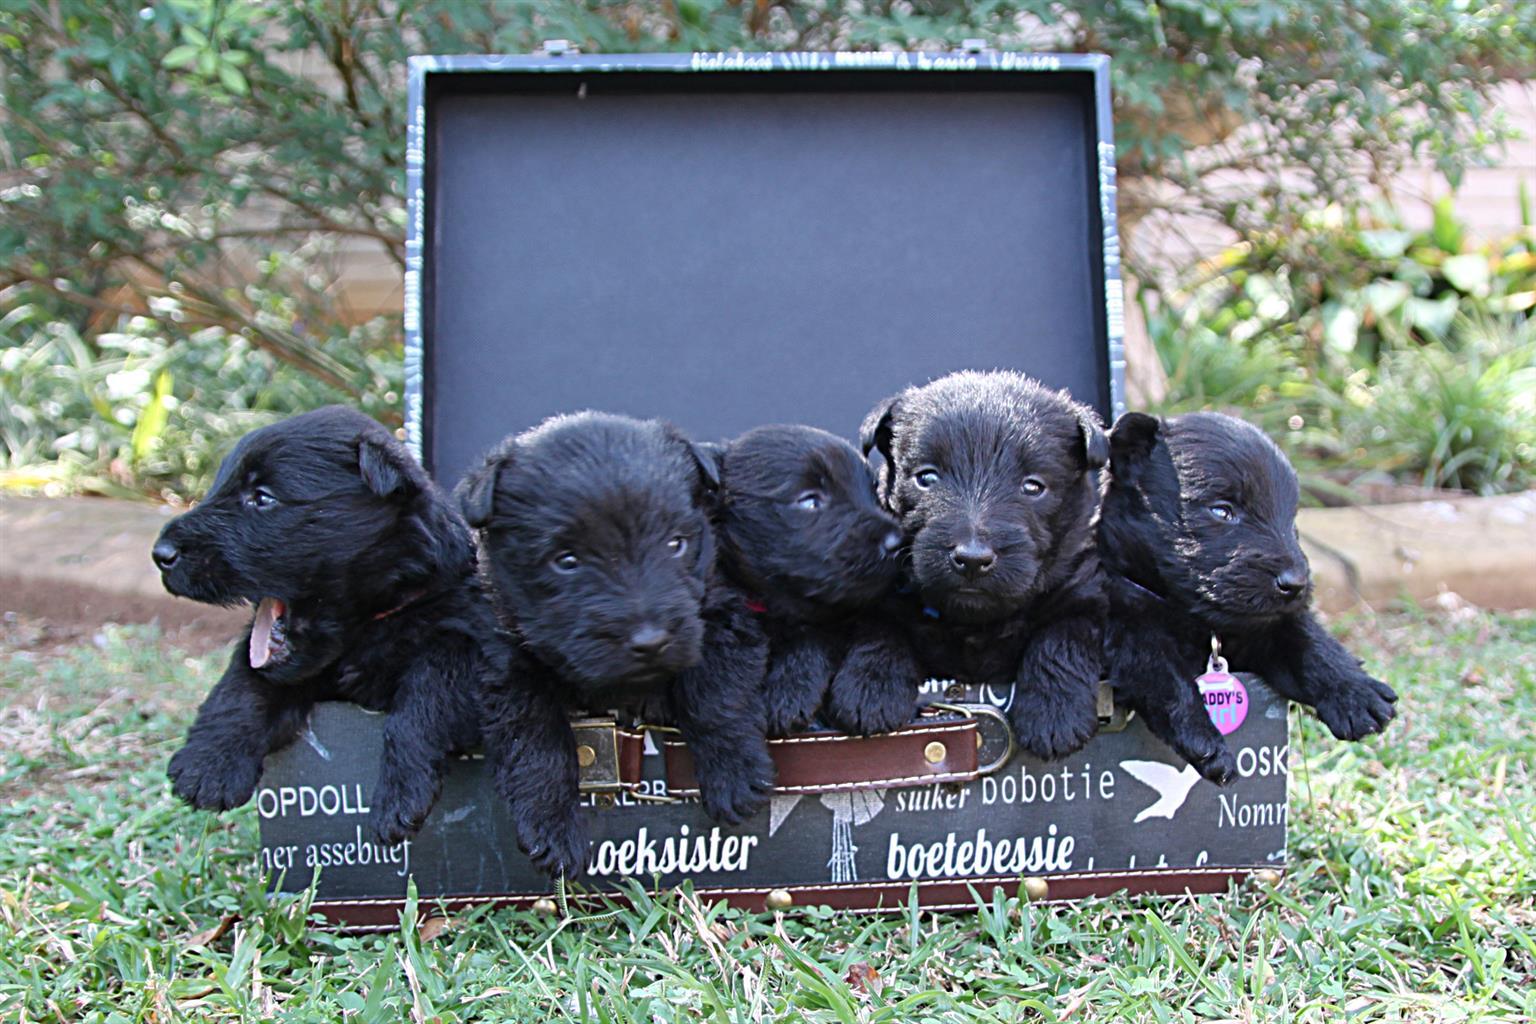 Scottish terrier babies